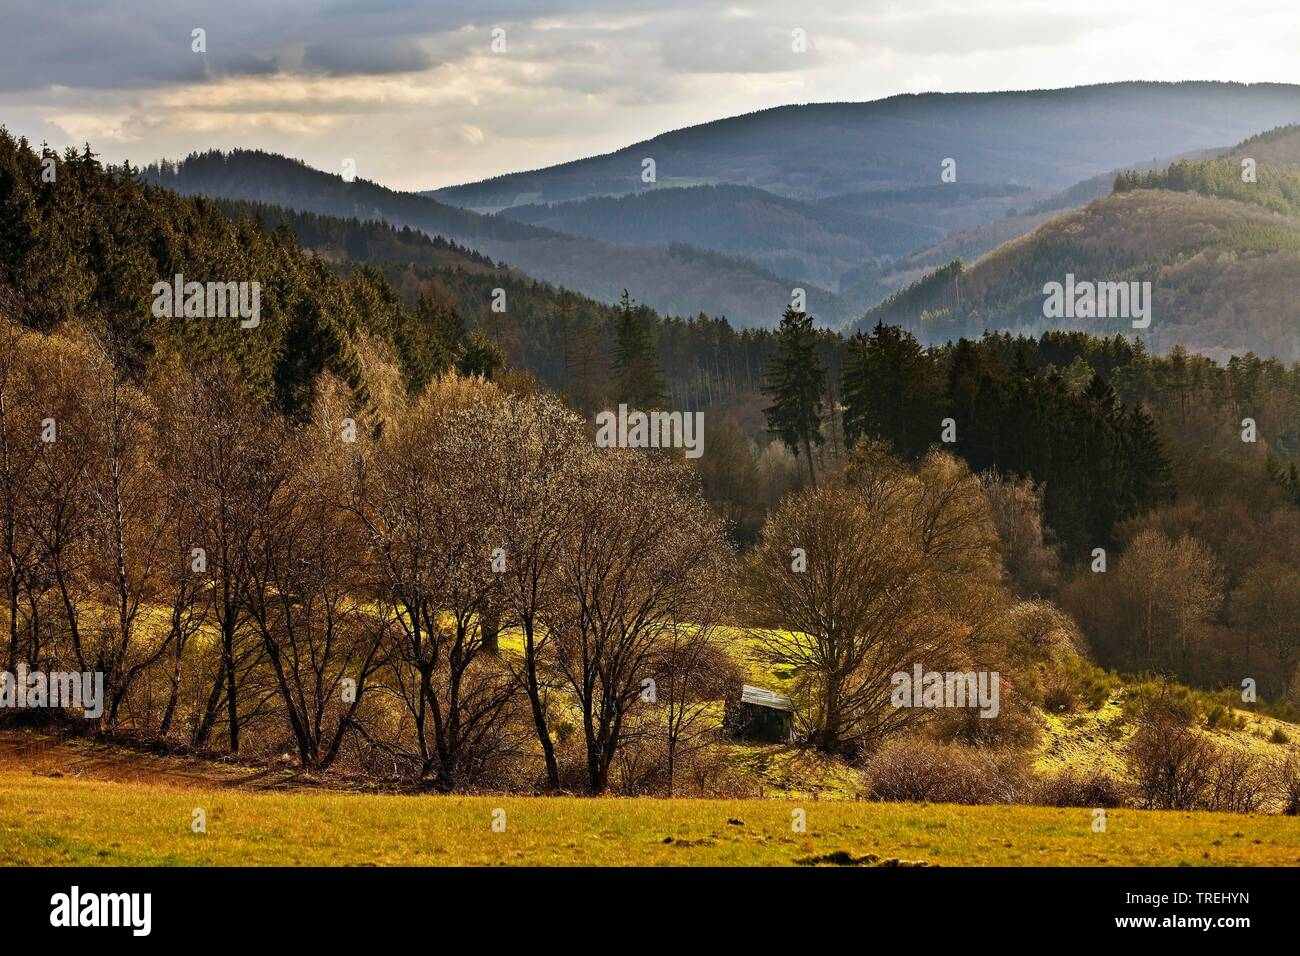 Landschaft am Wanderweg Sauerland-Hoehenflug, Deutschland, Nordrhein-Westfalen, Sauerland, Plettenberg | view from hiking path Sauerland-Hoehenlflug t - Stock Image